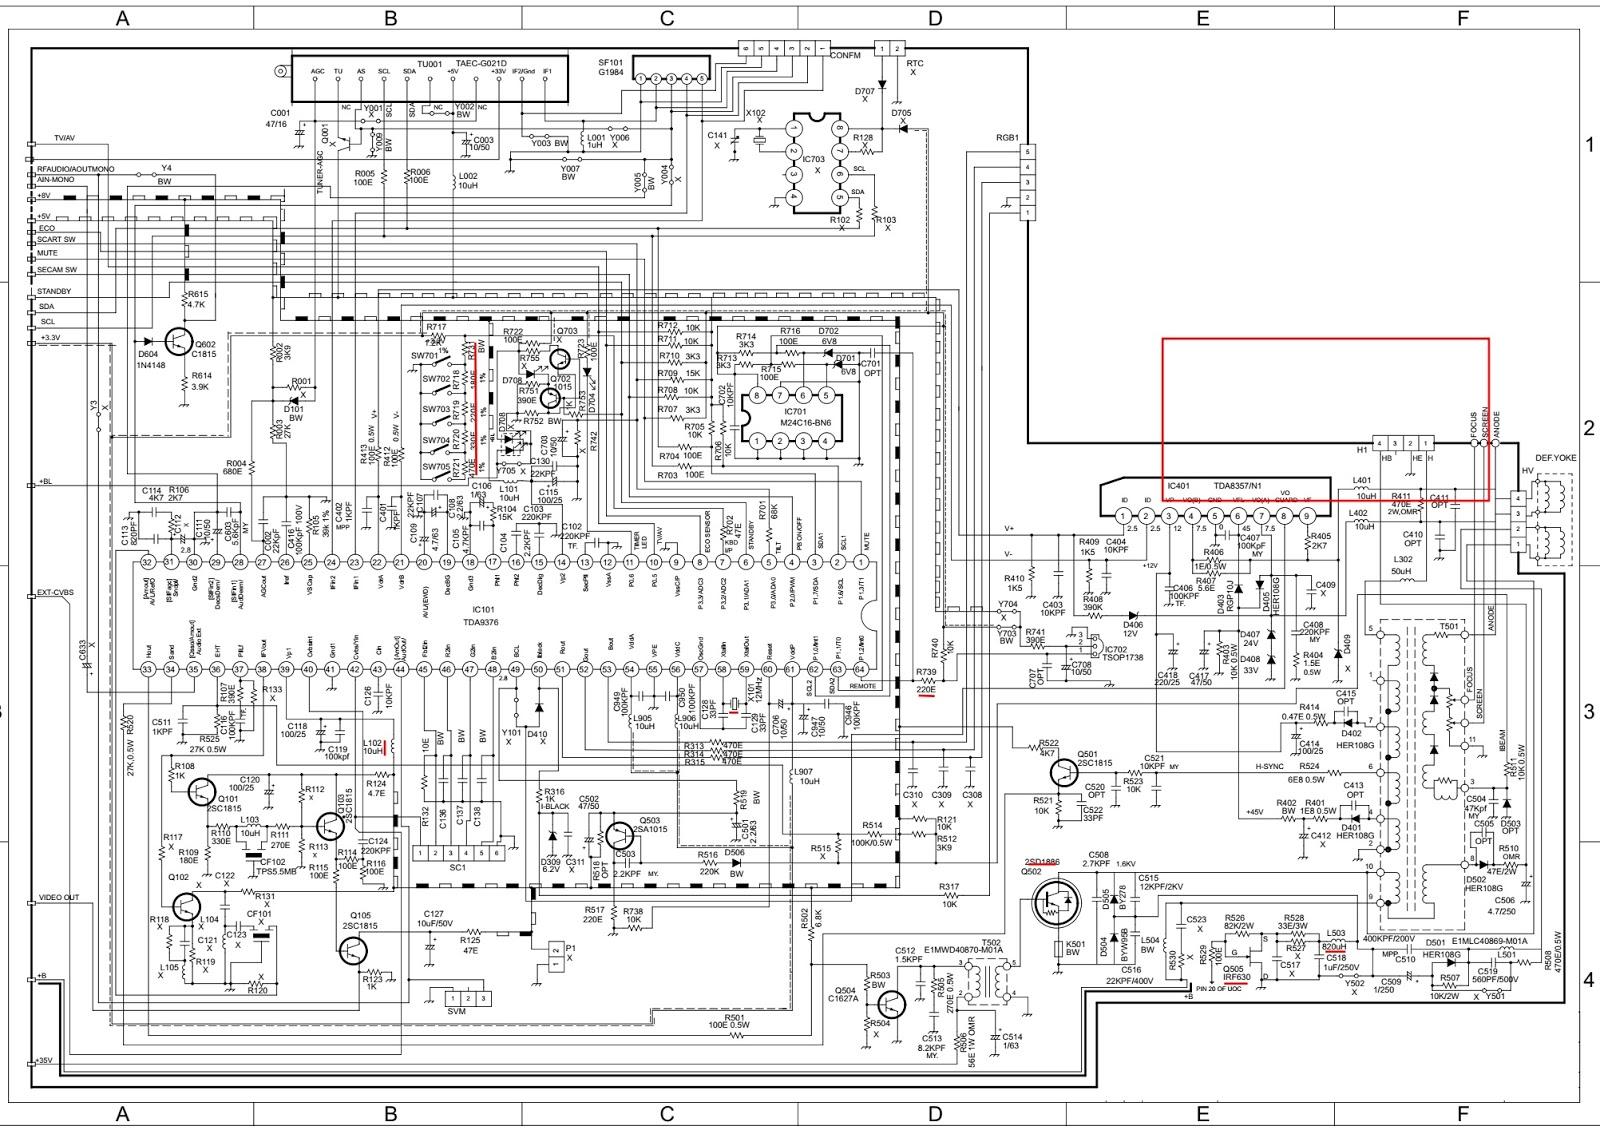 Sanyo Tv 46840 Wiring Diagram -Ge Unit Wiring Diagram | Begeboy Wiring  Diagram Source | Sanyo Tv Wiring Diagram |  | Begeboy Wiring Diagram Source